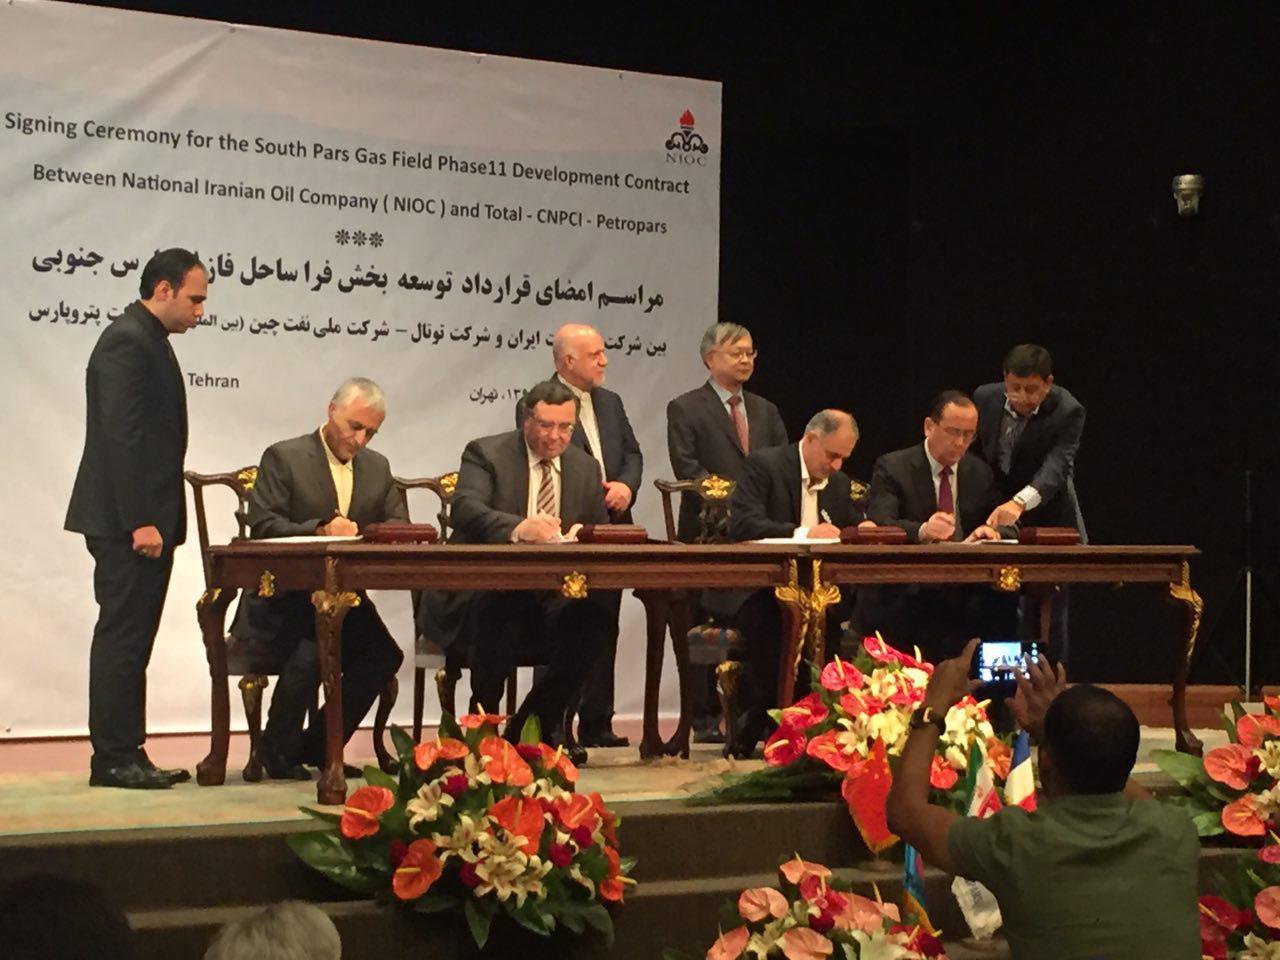 جزئیاتی از قرارداد طرح توسعه فاز ١١ پارس جنوبی